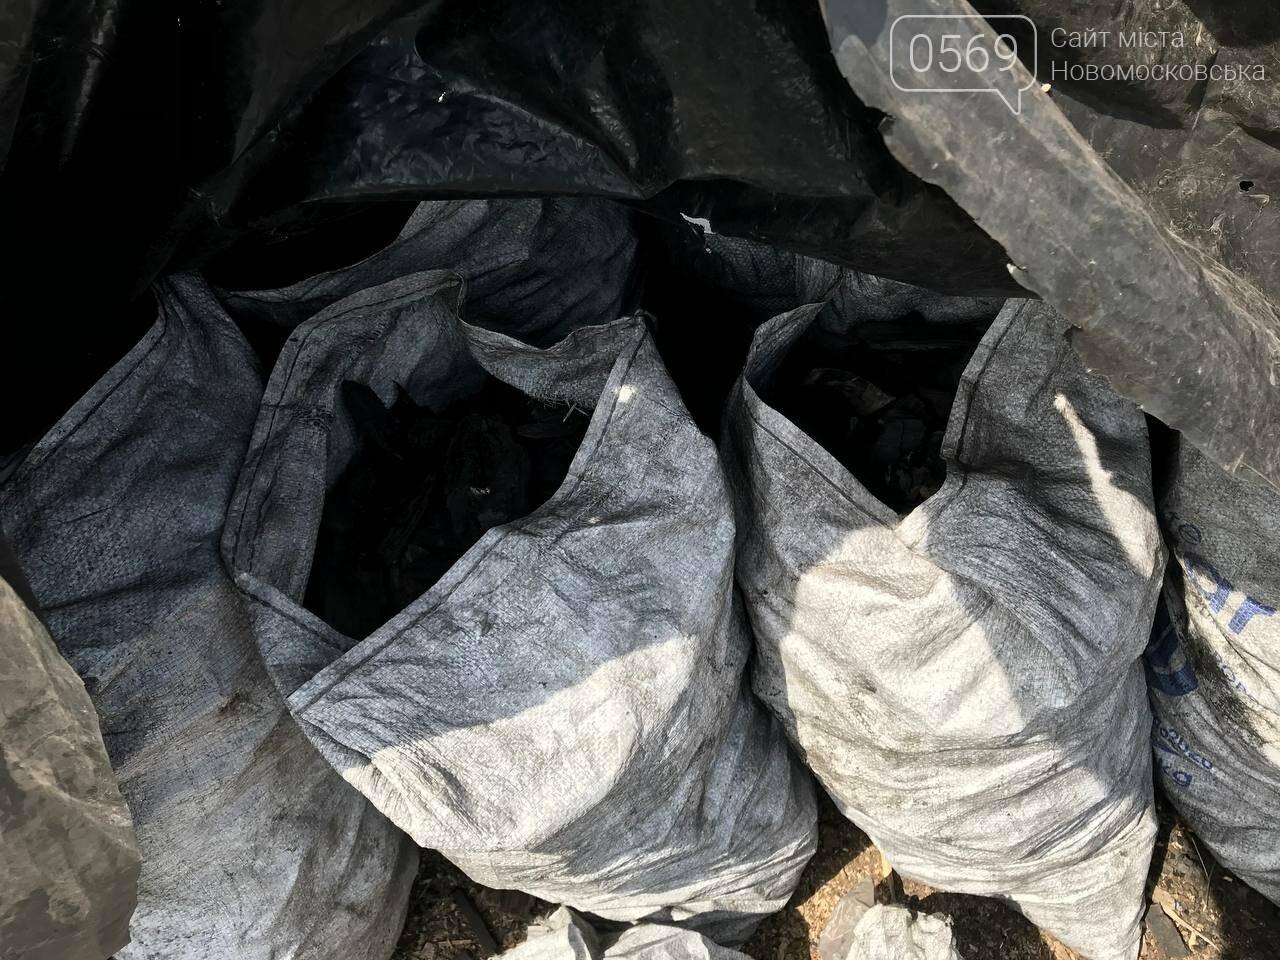 У Новомосковську відкрили кримінальне провадження по факту підпільного виробництва деревного вугілля, фото-5